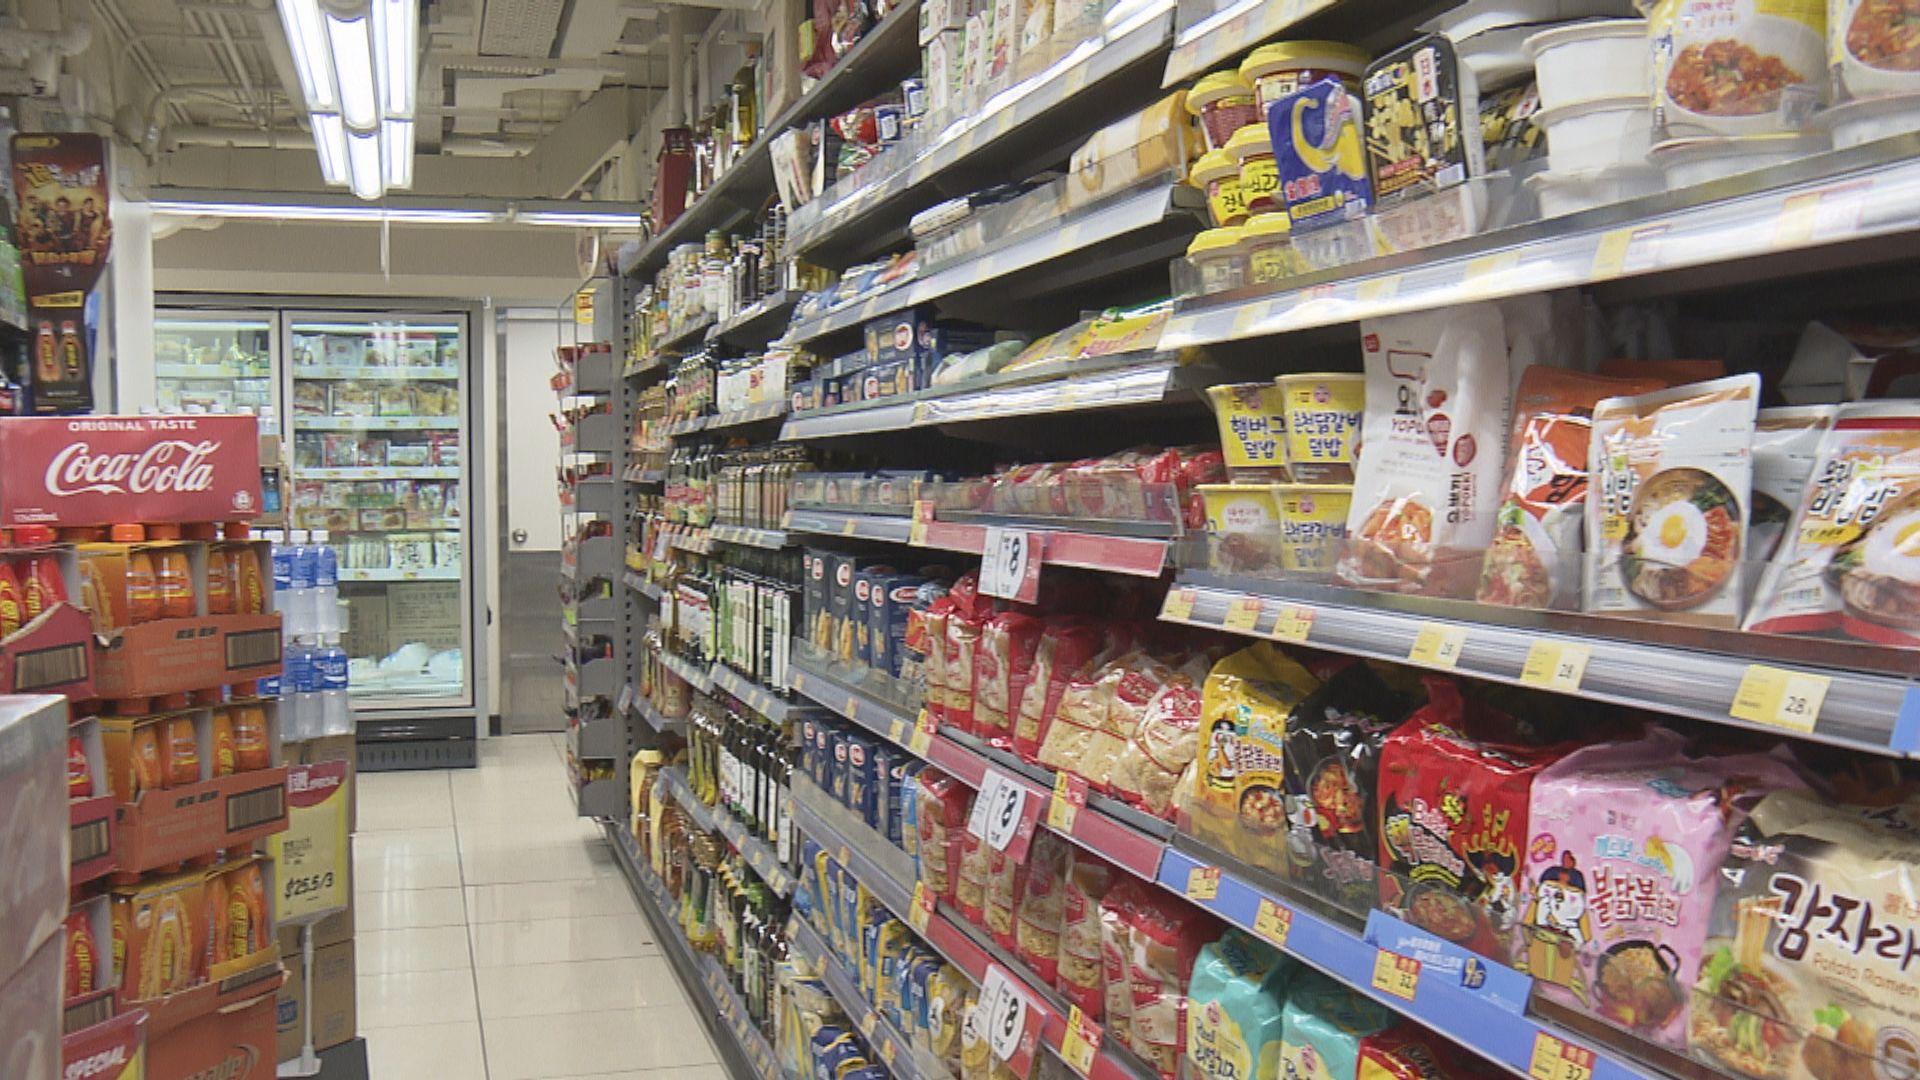 【一文睇晒消委會報告】超市部分貨品大包裝單價比細包裝貴;有新人因疫情取消婚宴須賠14萬元